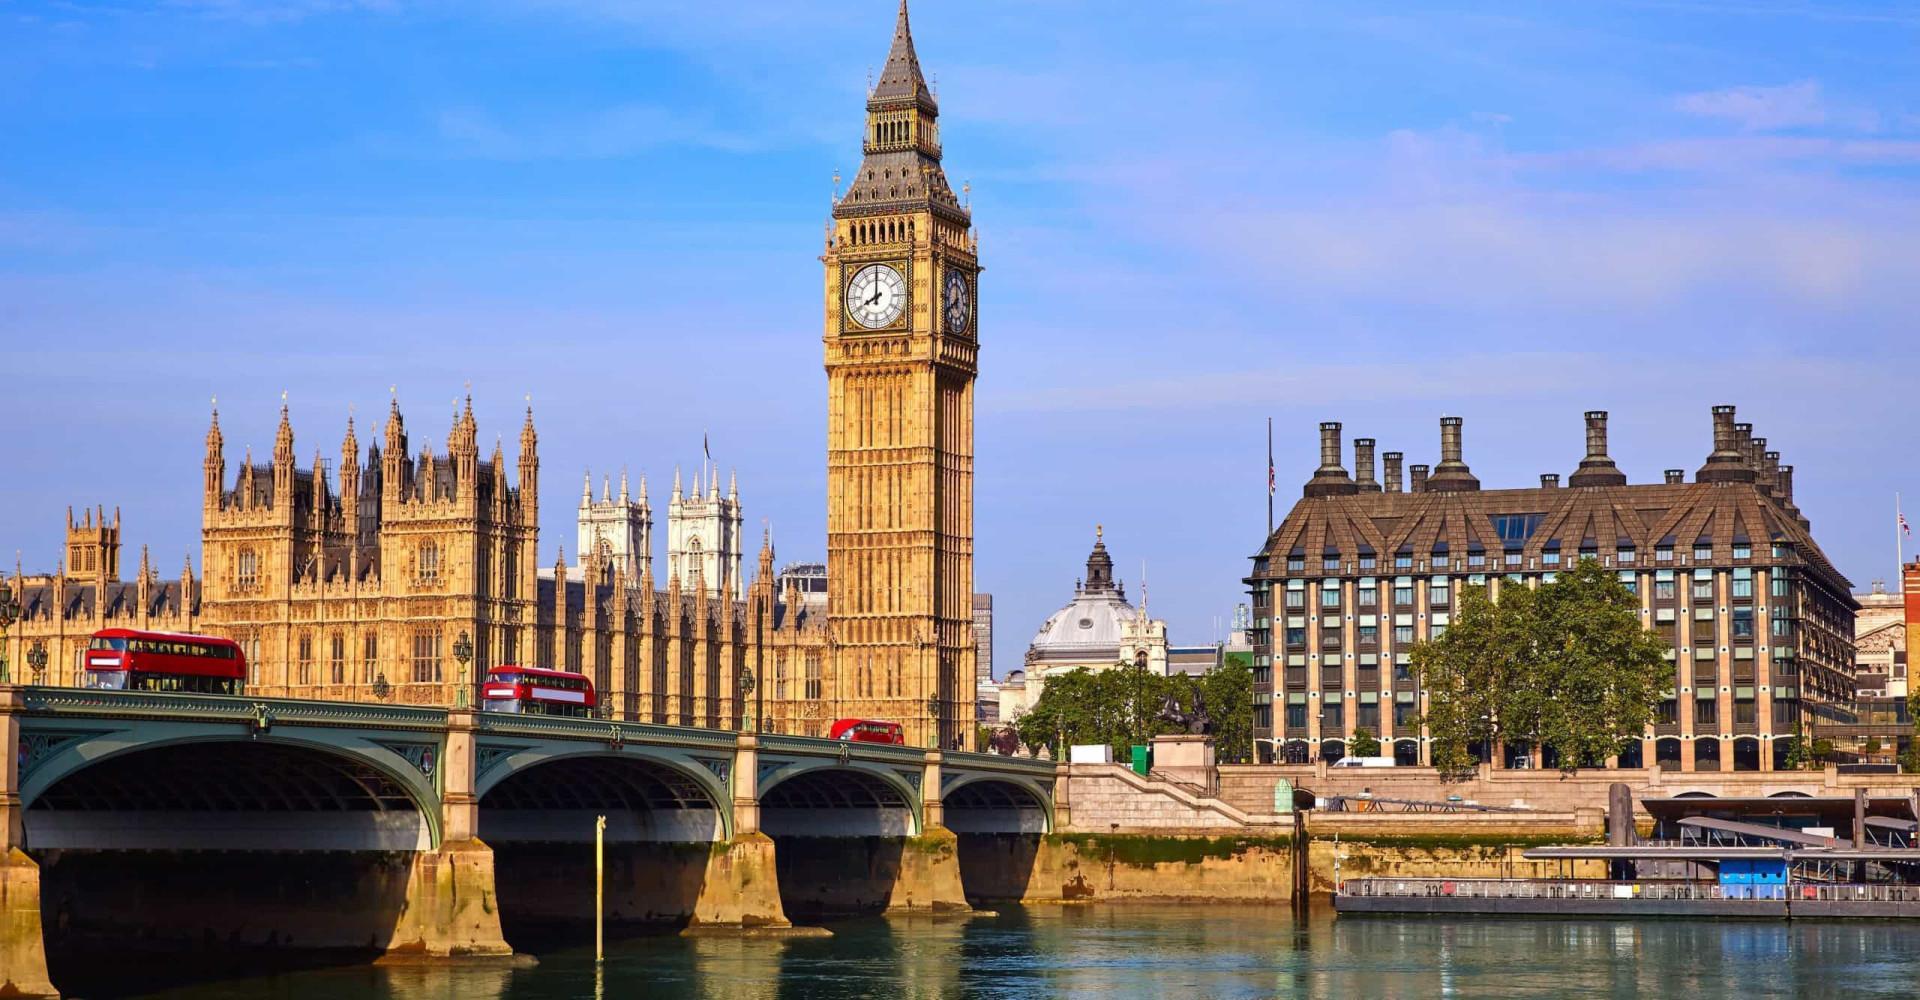 På tide å møte de mest fantastiske klokketårnene i verden